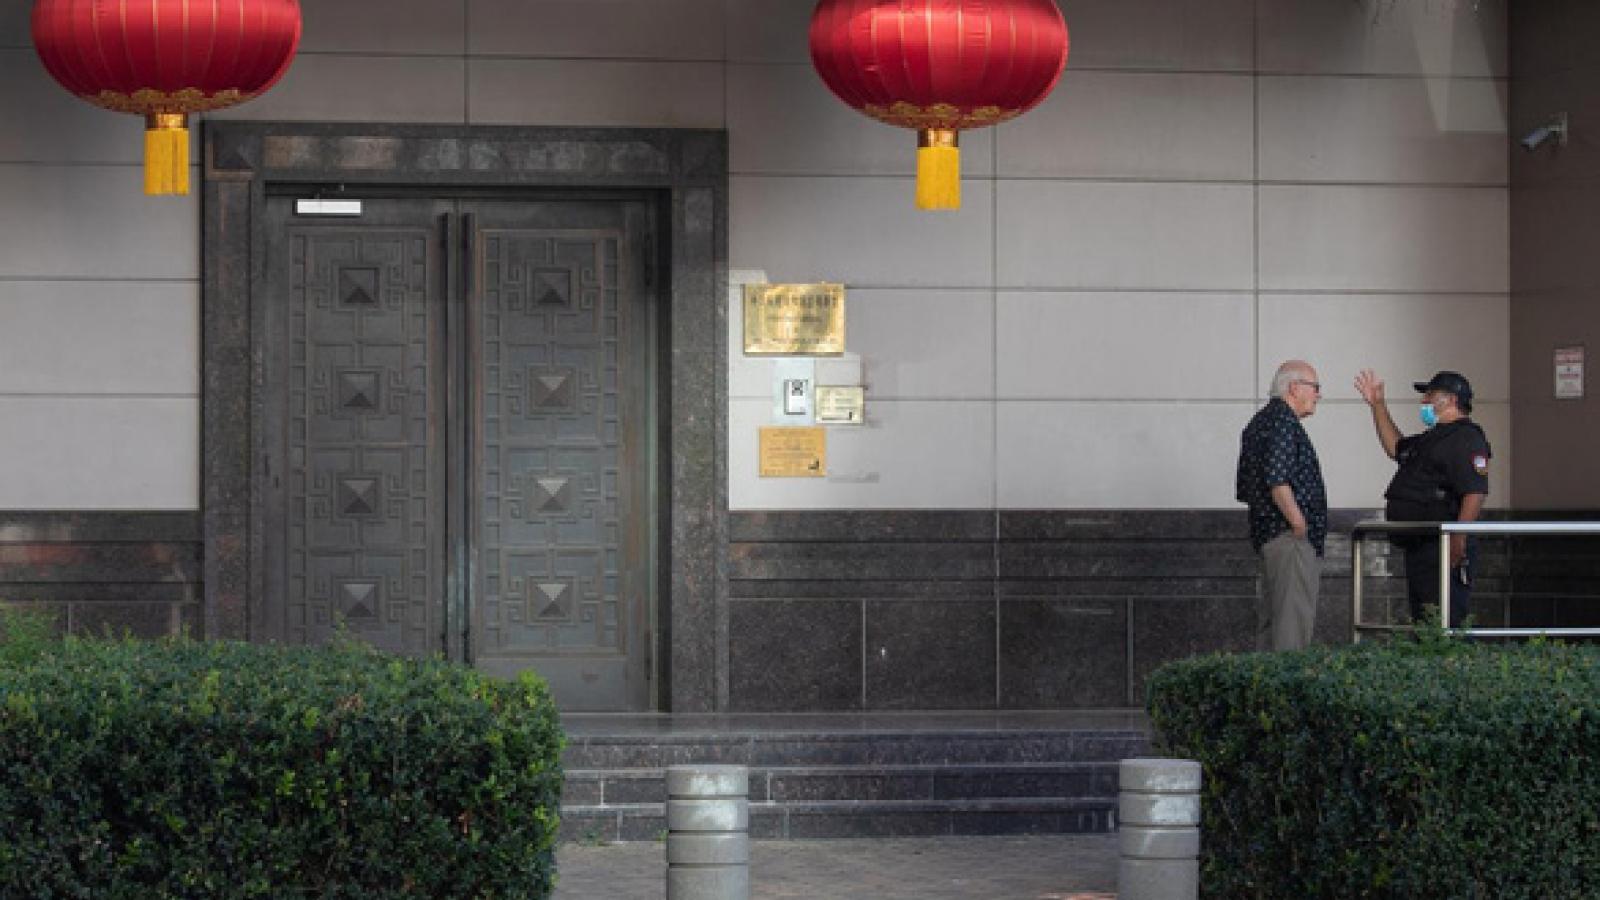 Khai chiến lãnh sự với Trung Quốc: Nước cờ tranh cử của Trump?